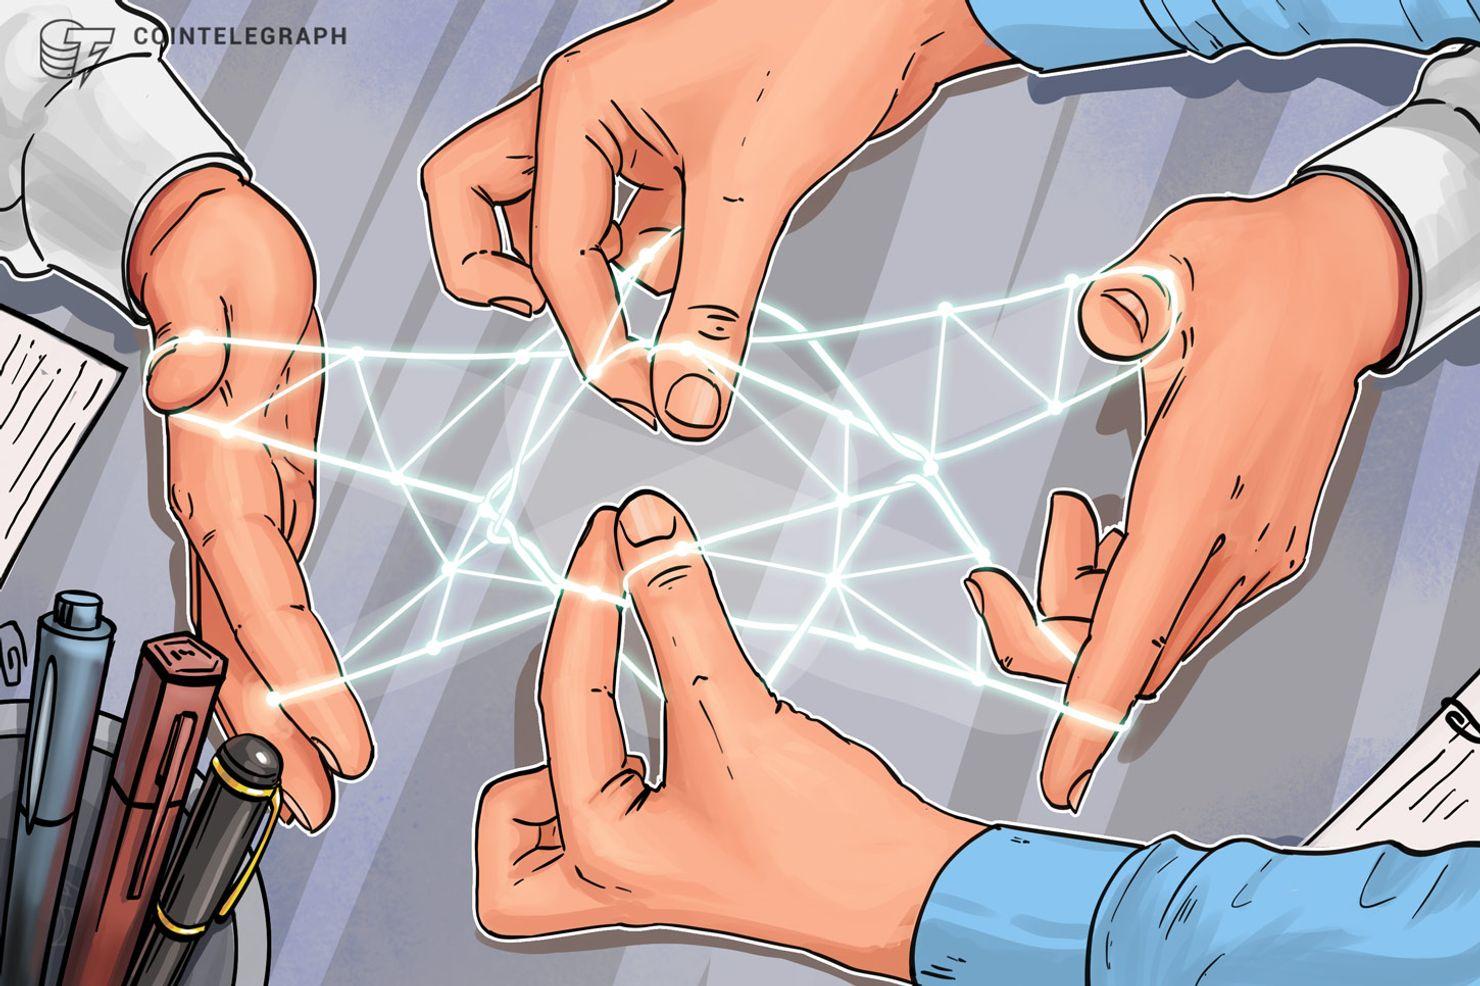 La Alianza Blockchain Iberoamérica presentará un informe sobre identidad digital y otro sobre el ecosistema de tecnologías descentralizadas